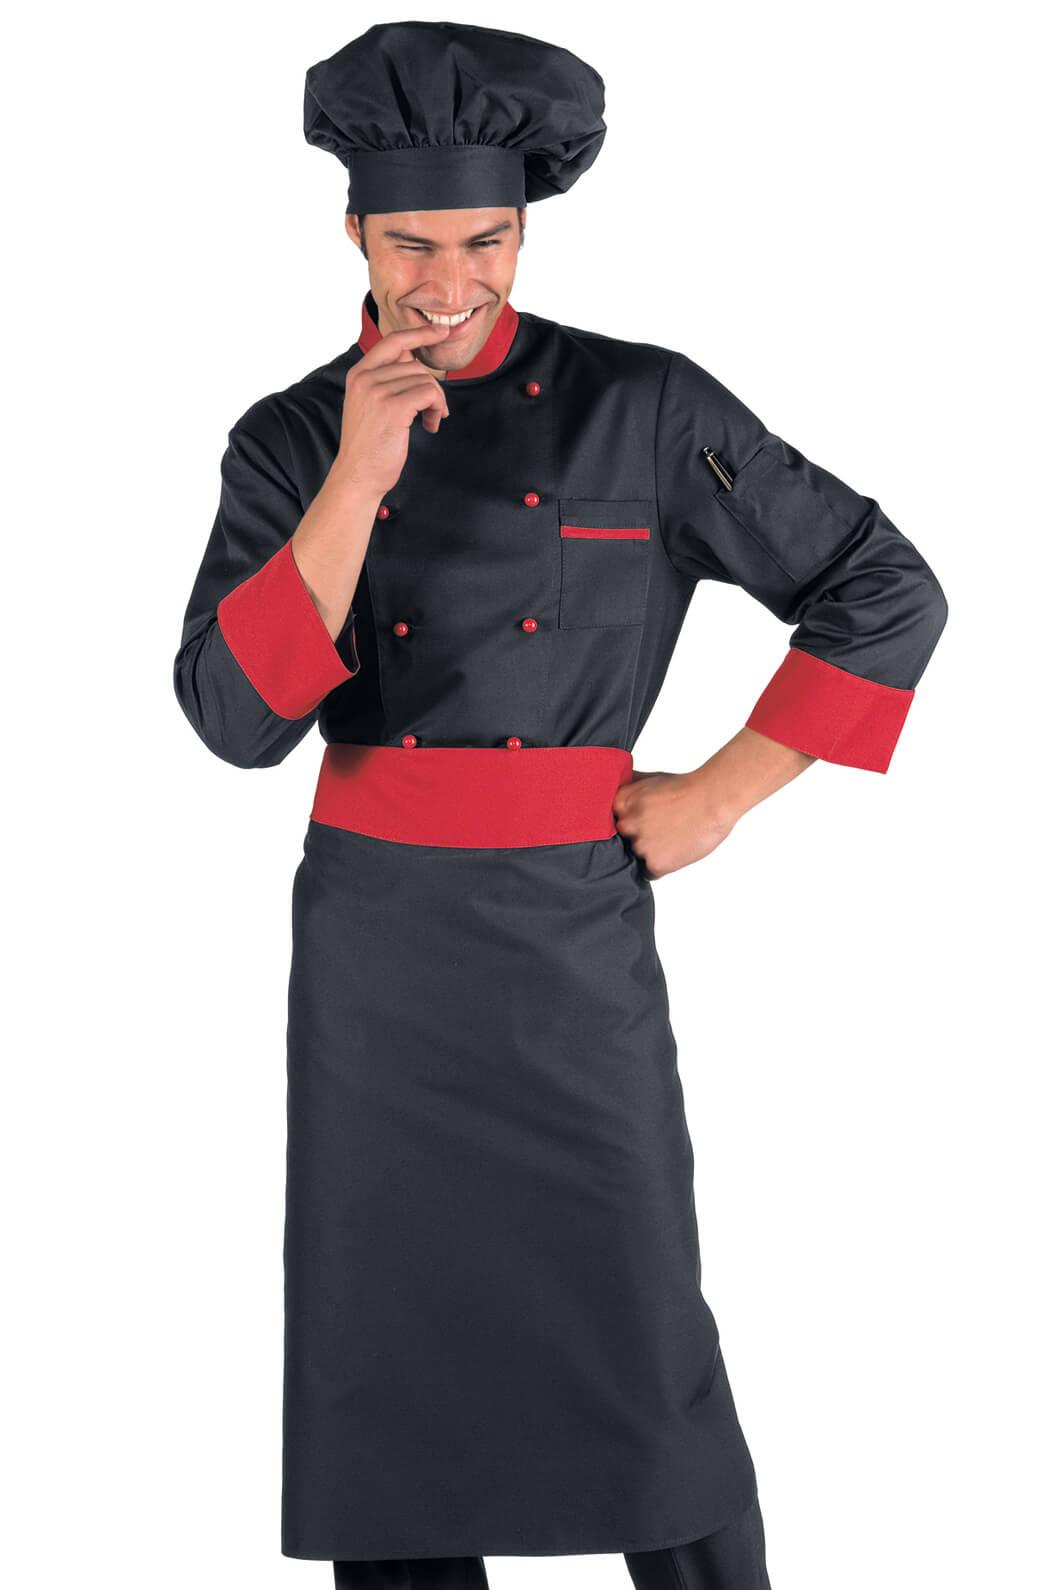 Veste de cuisine noir et rouge